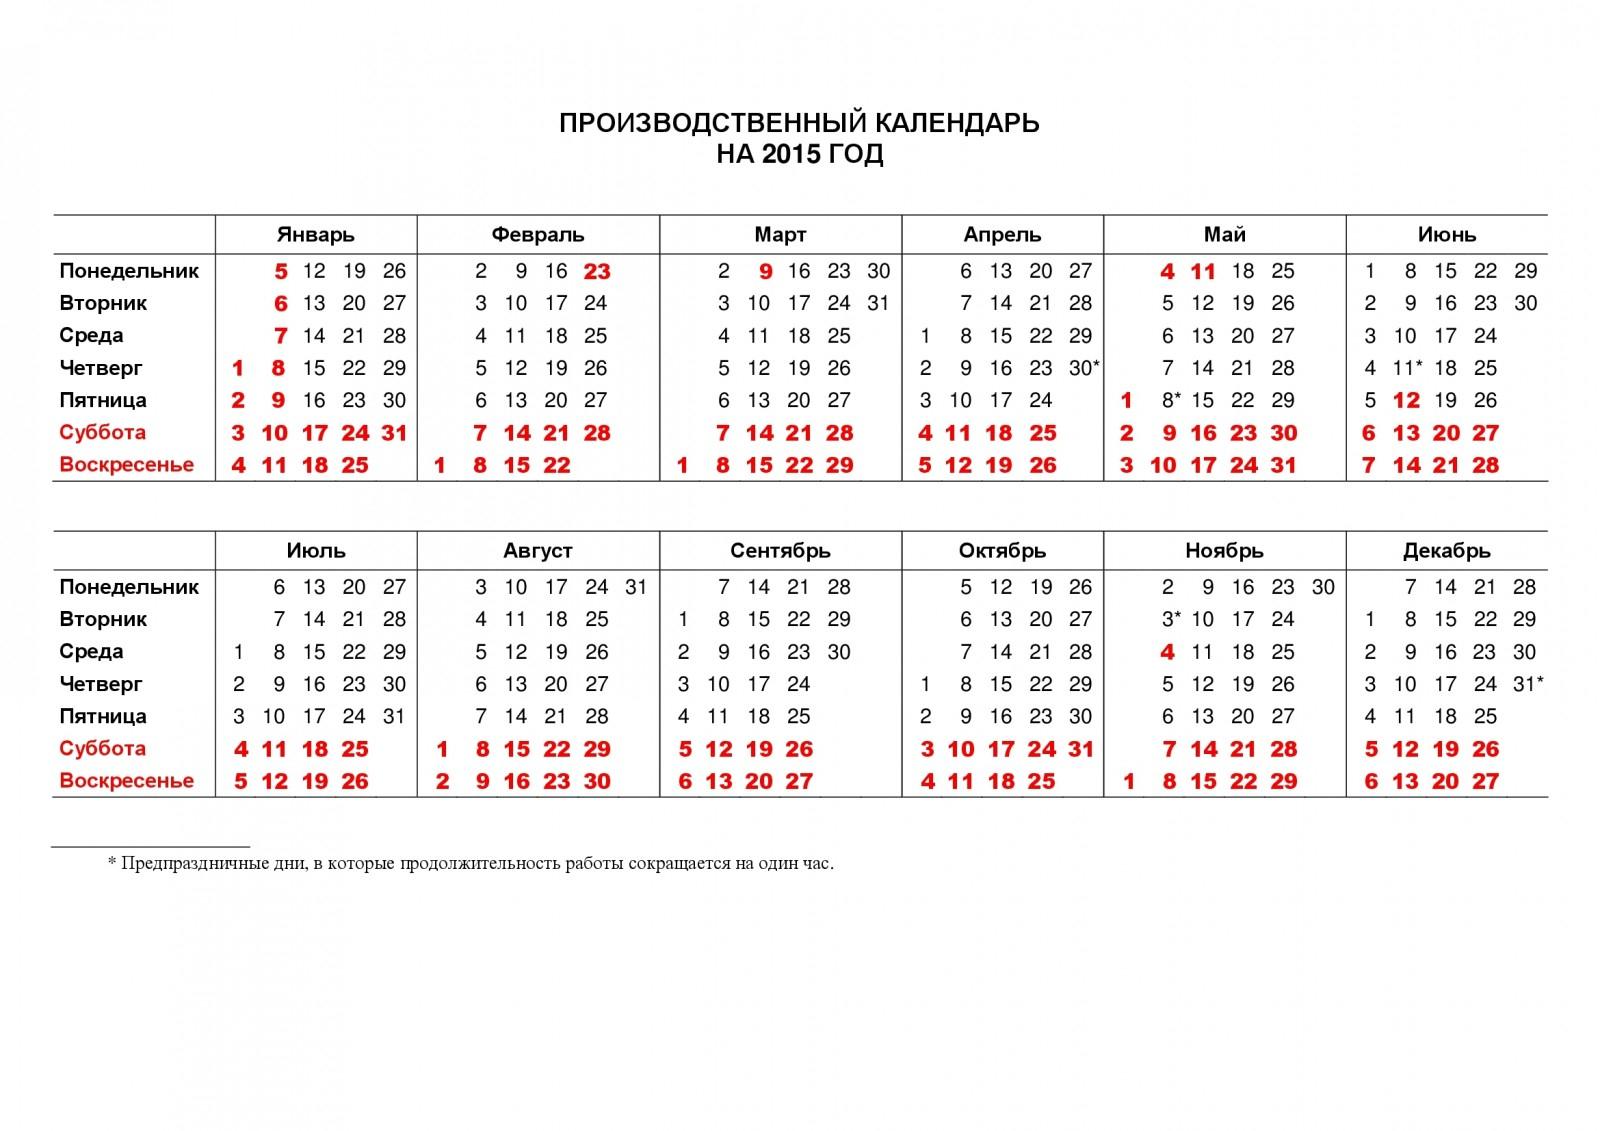 Производственный Календарь На 2015 Год | Образец - Бланк inside Бланк Календаря На Год